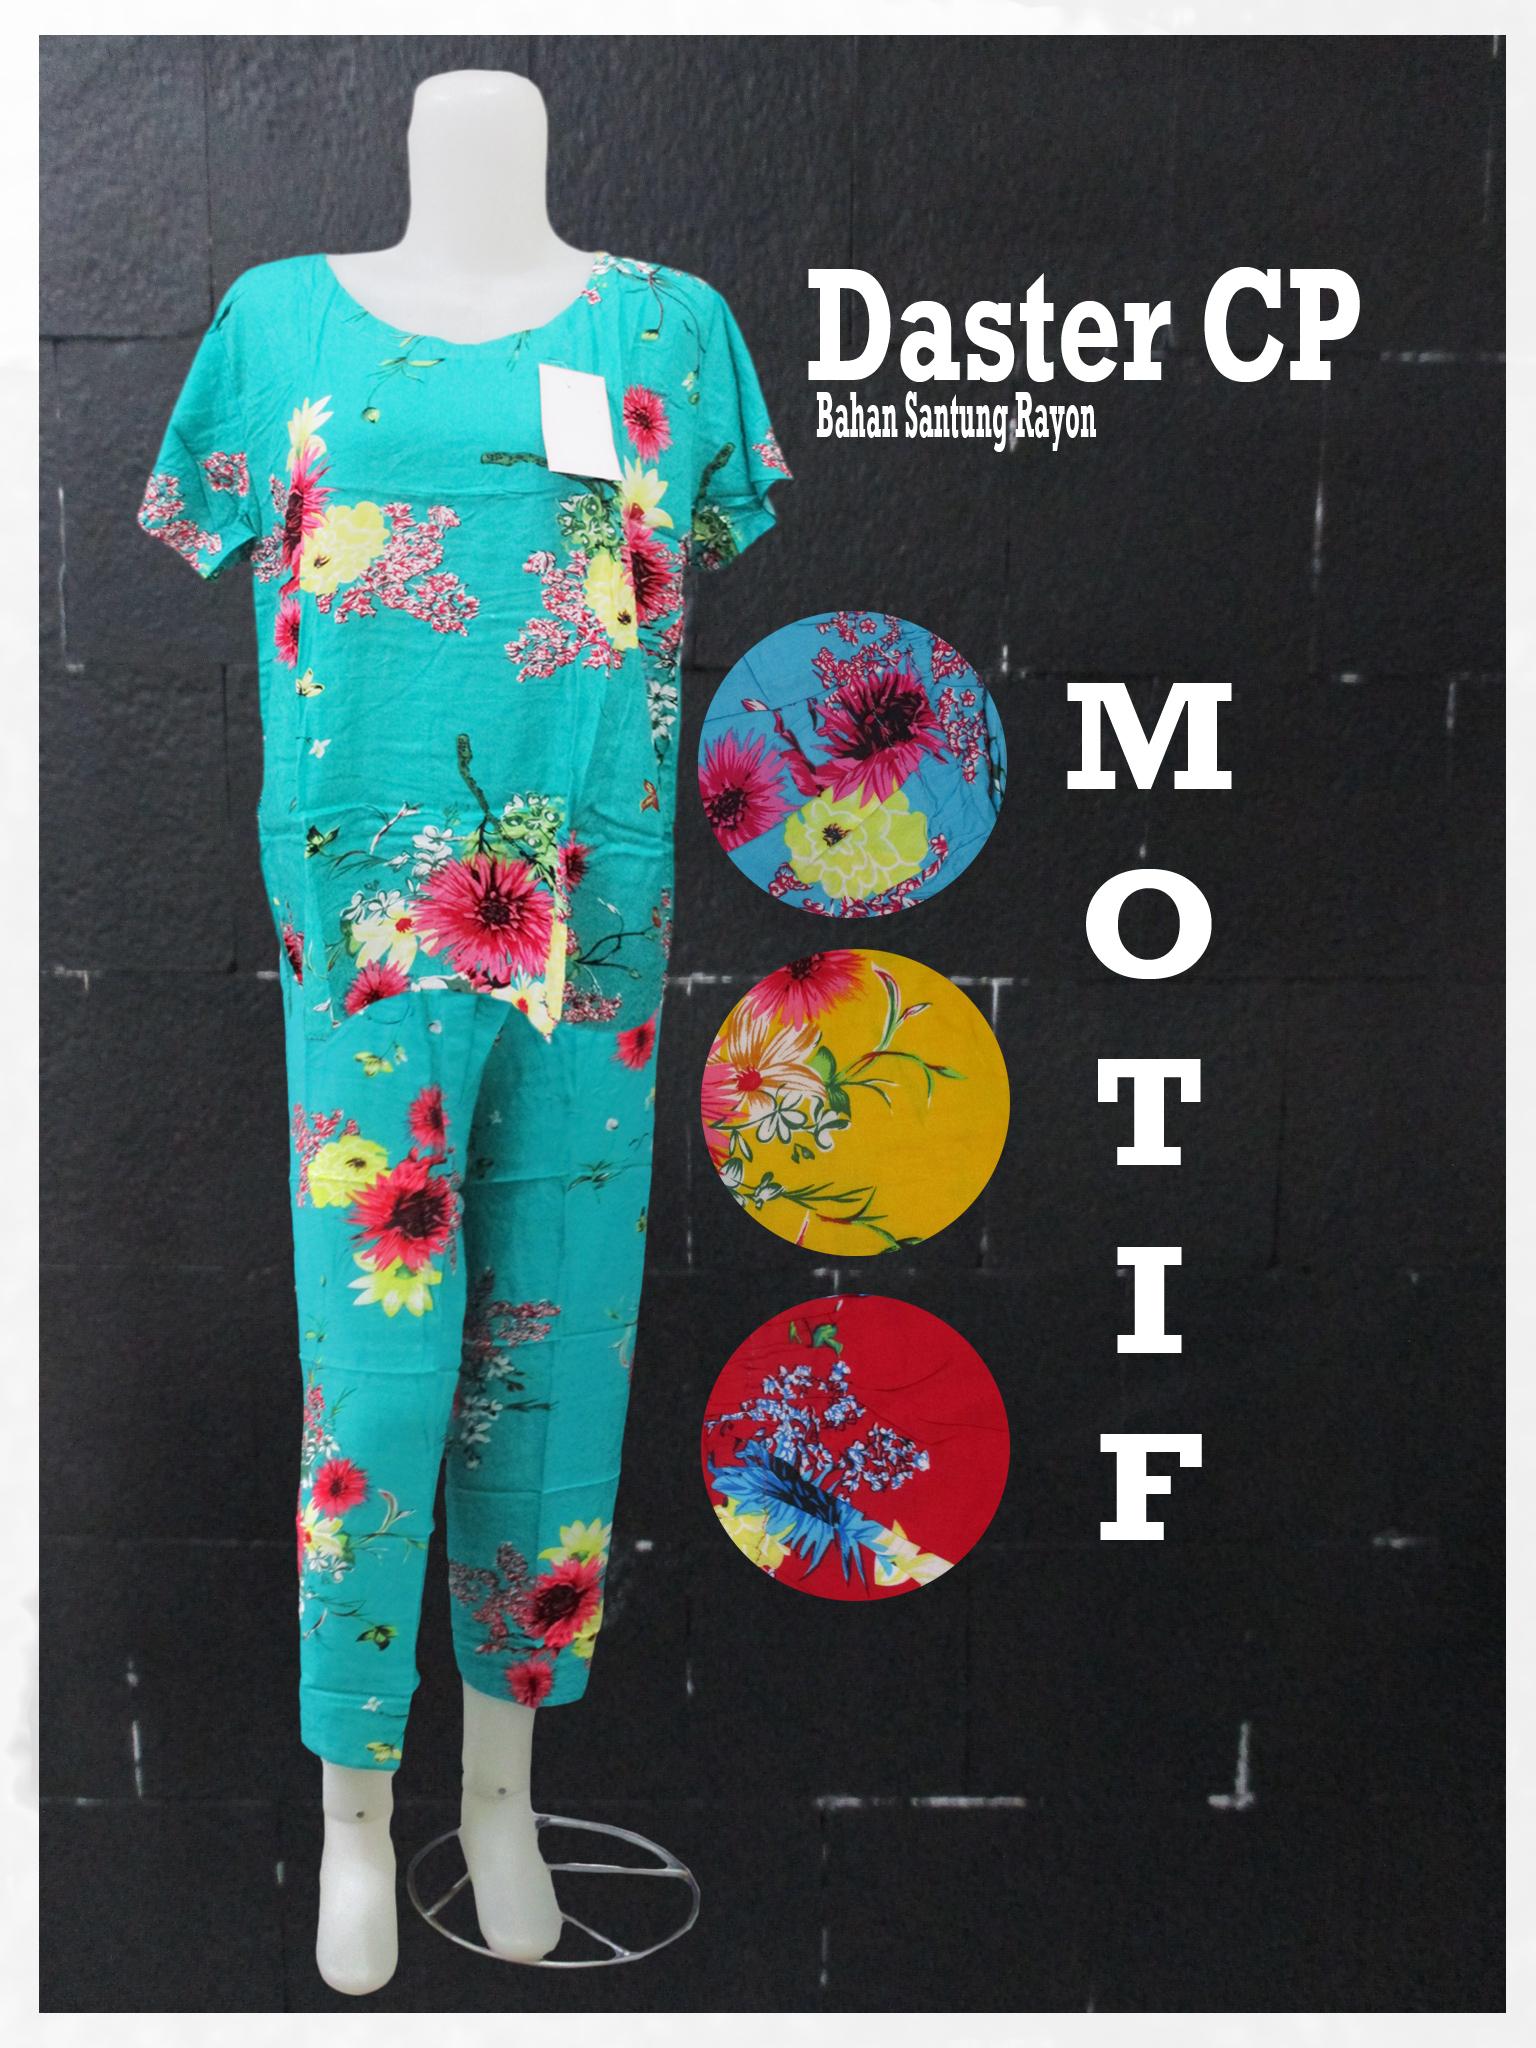 Pusat Grosir Baju Murah Solo Klewer 2019 Sentra Grosir Daster Celana Panjang Dewasa Murah 29ribuan